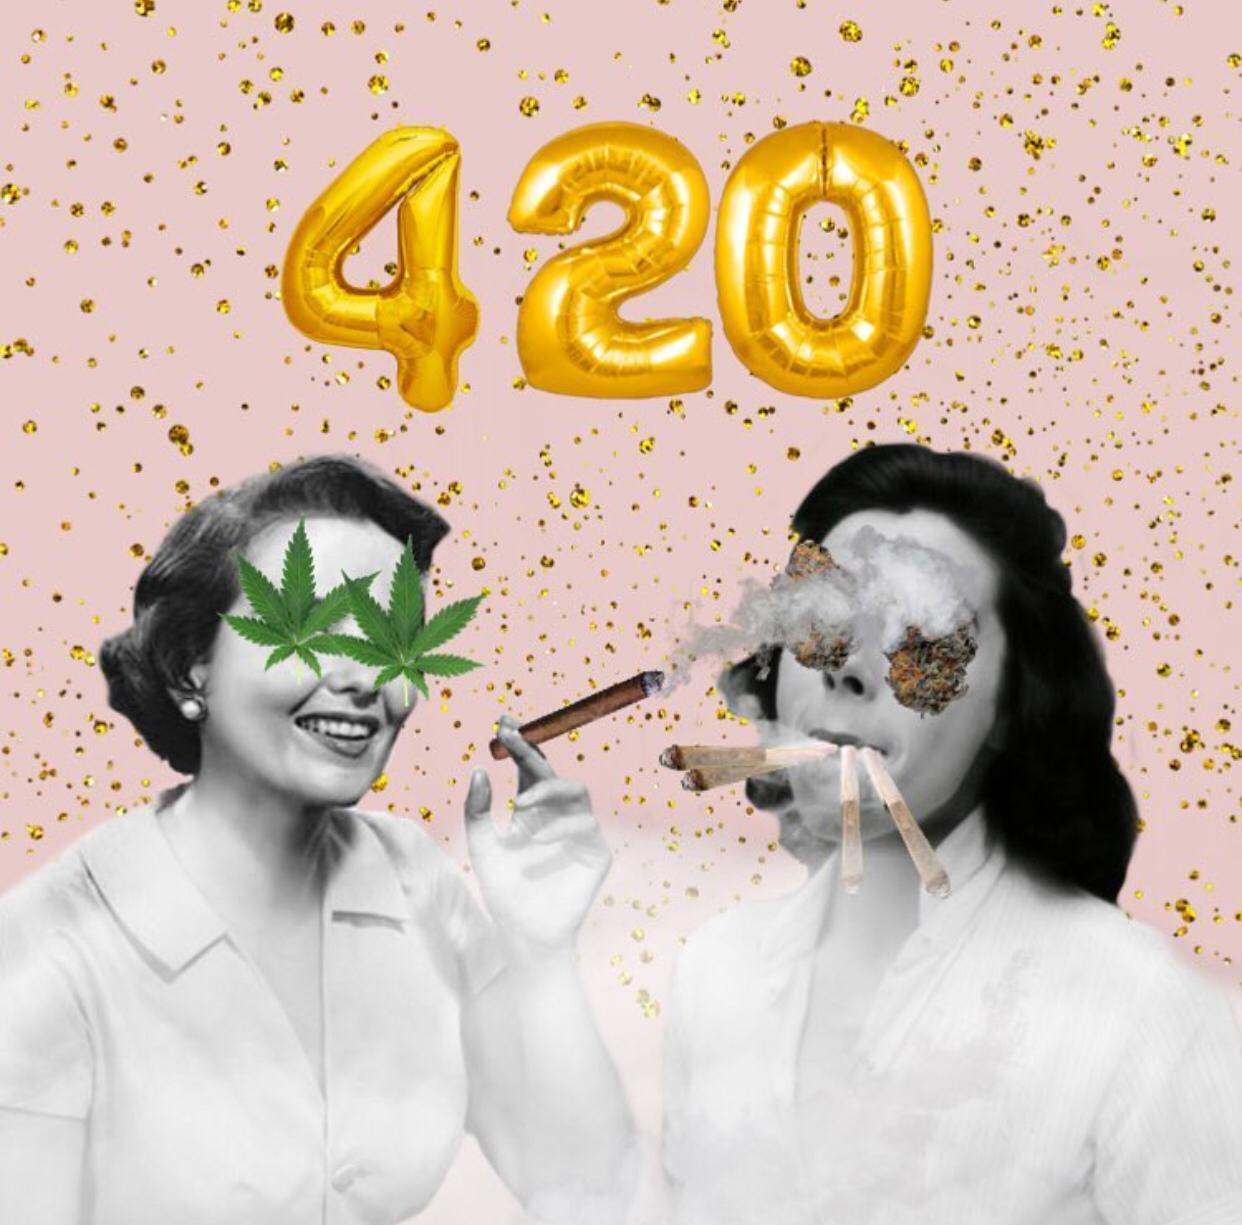 420 art